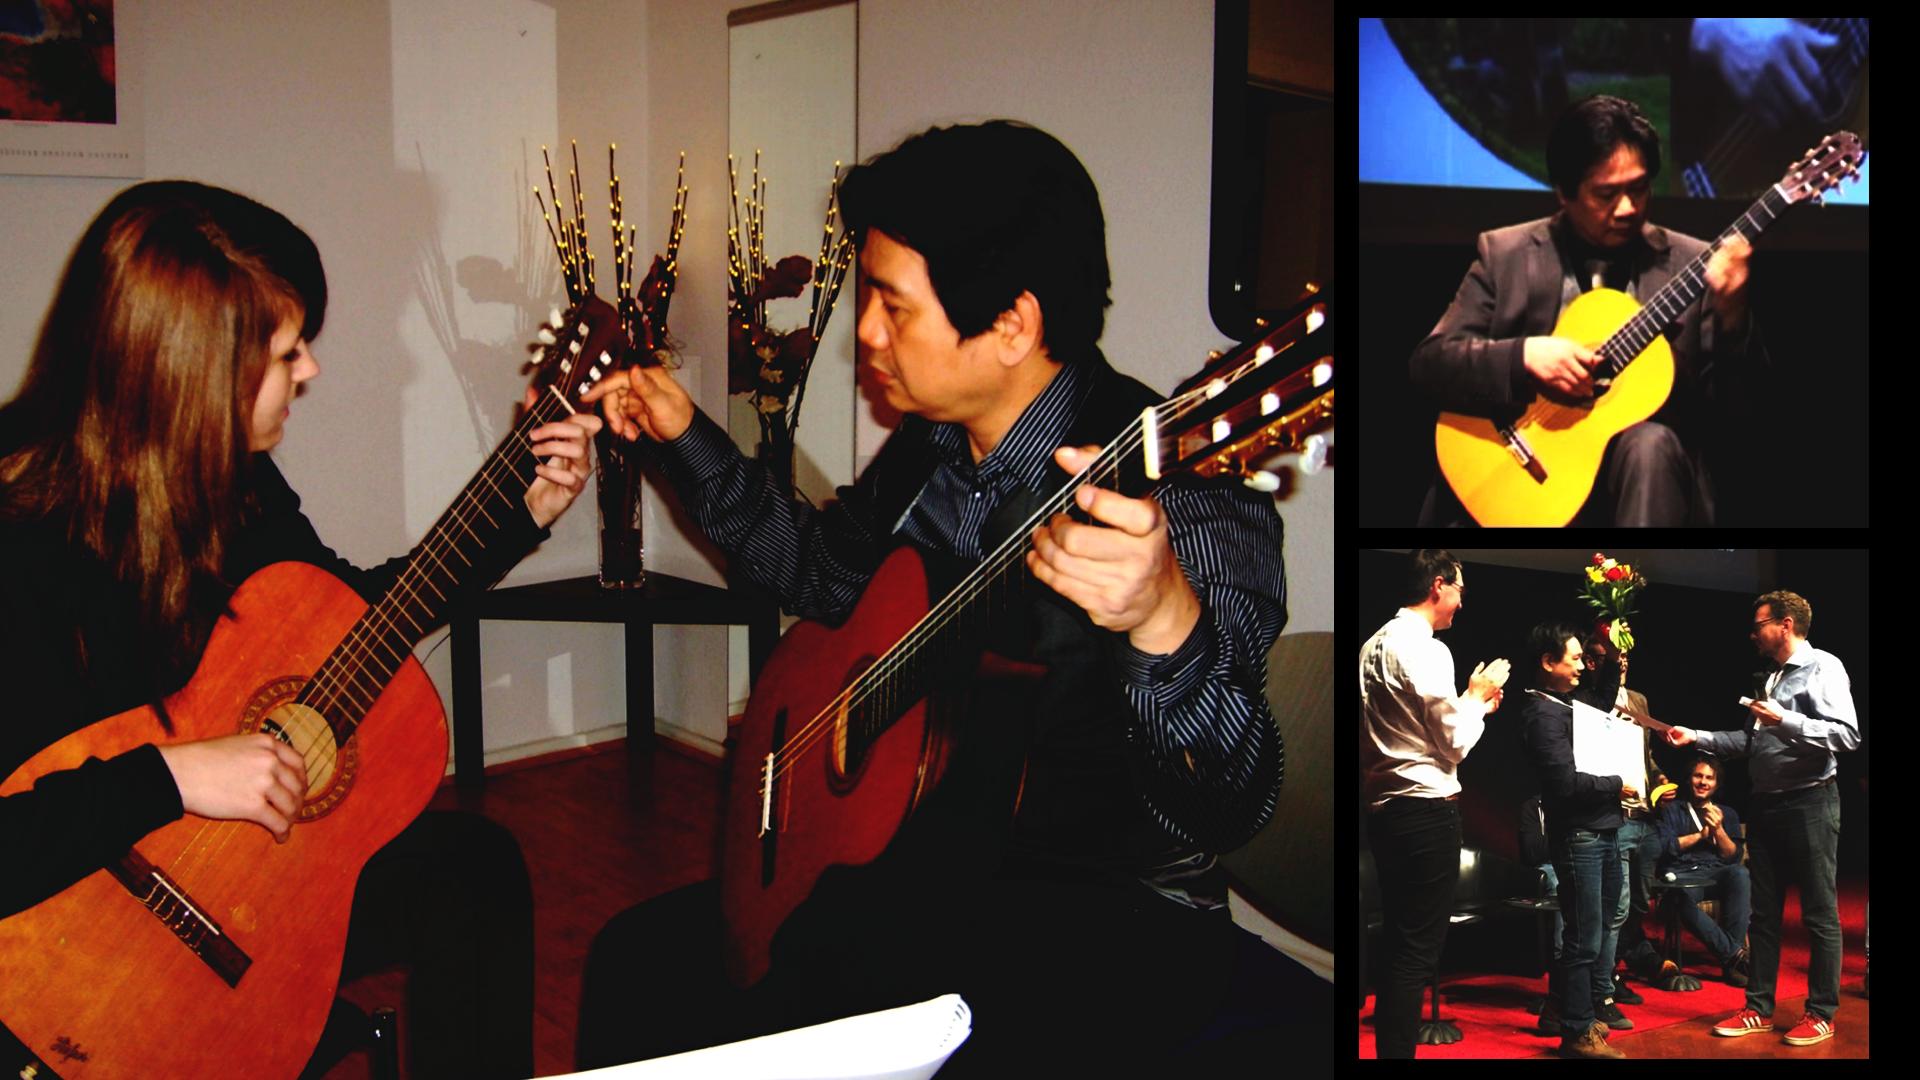 Giáo sư guitar hàng đầu thế giới đưa 'Kiều' vào nhạc quốc tế - ảnh 10